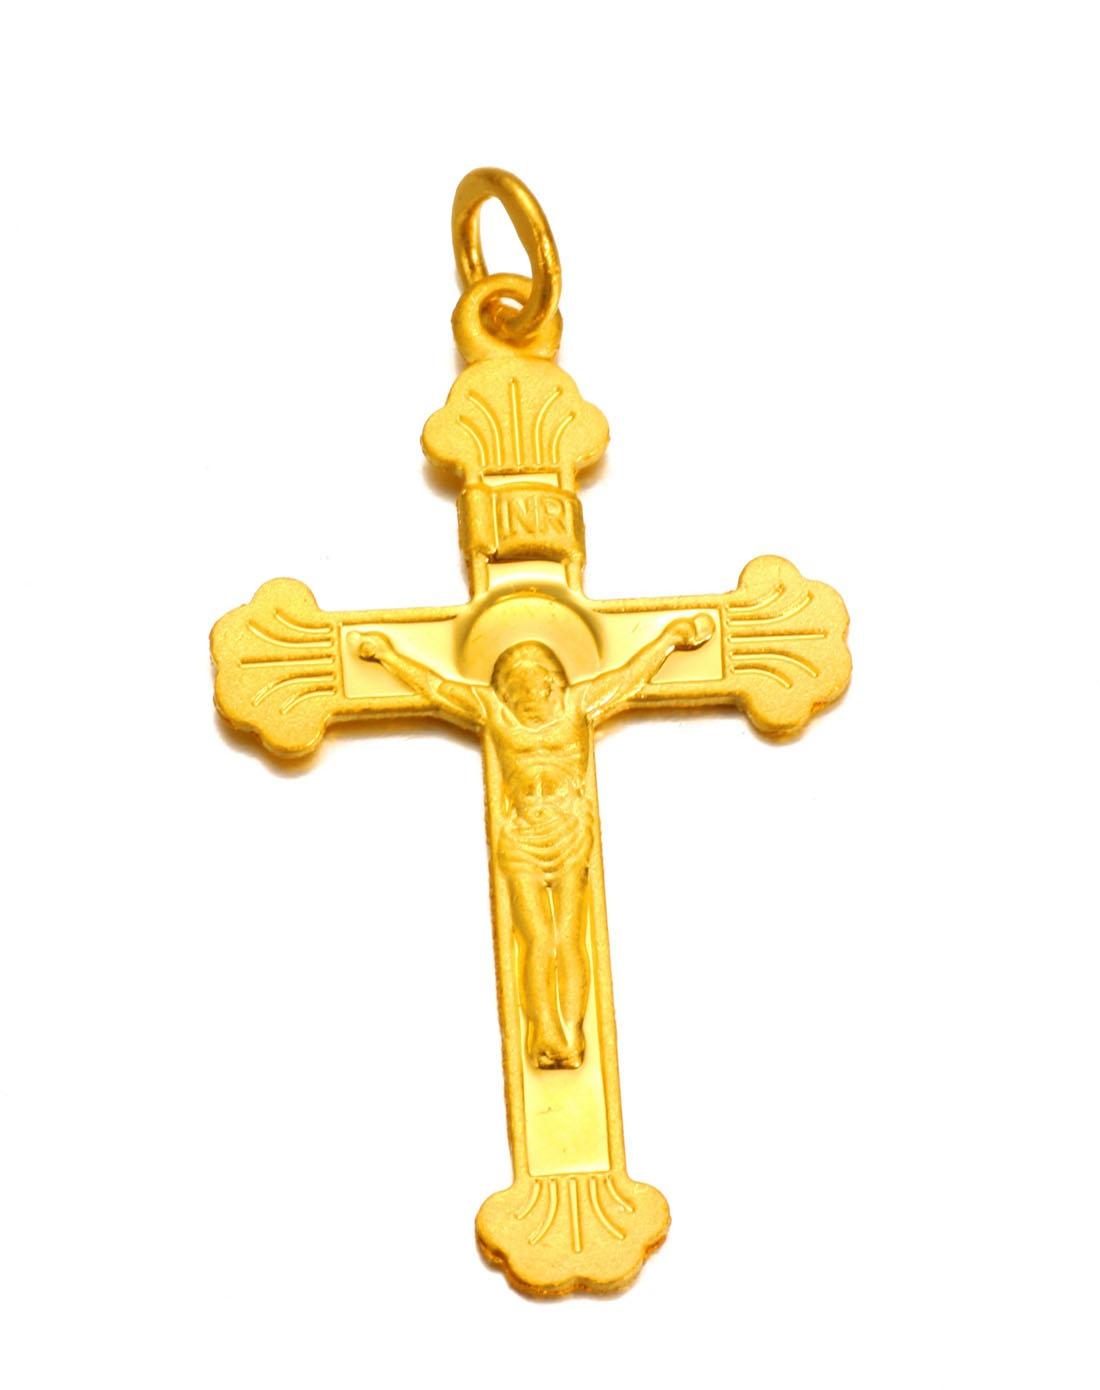 千足金黄金吊坠 耶稣十字架